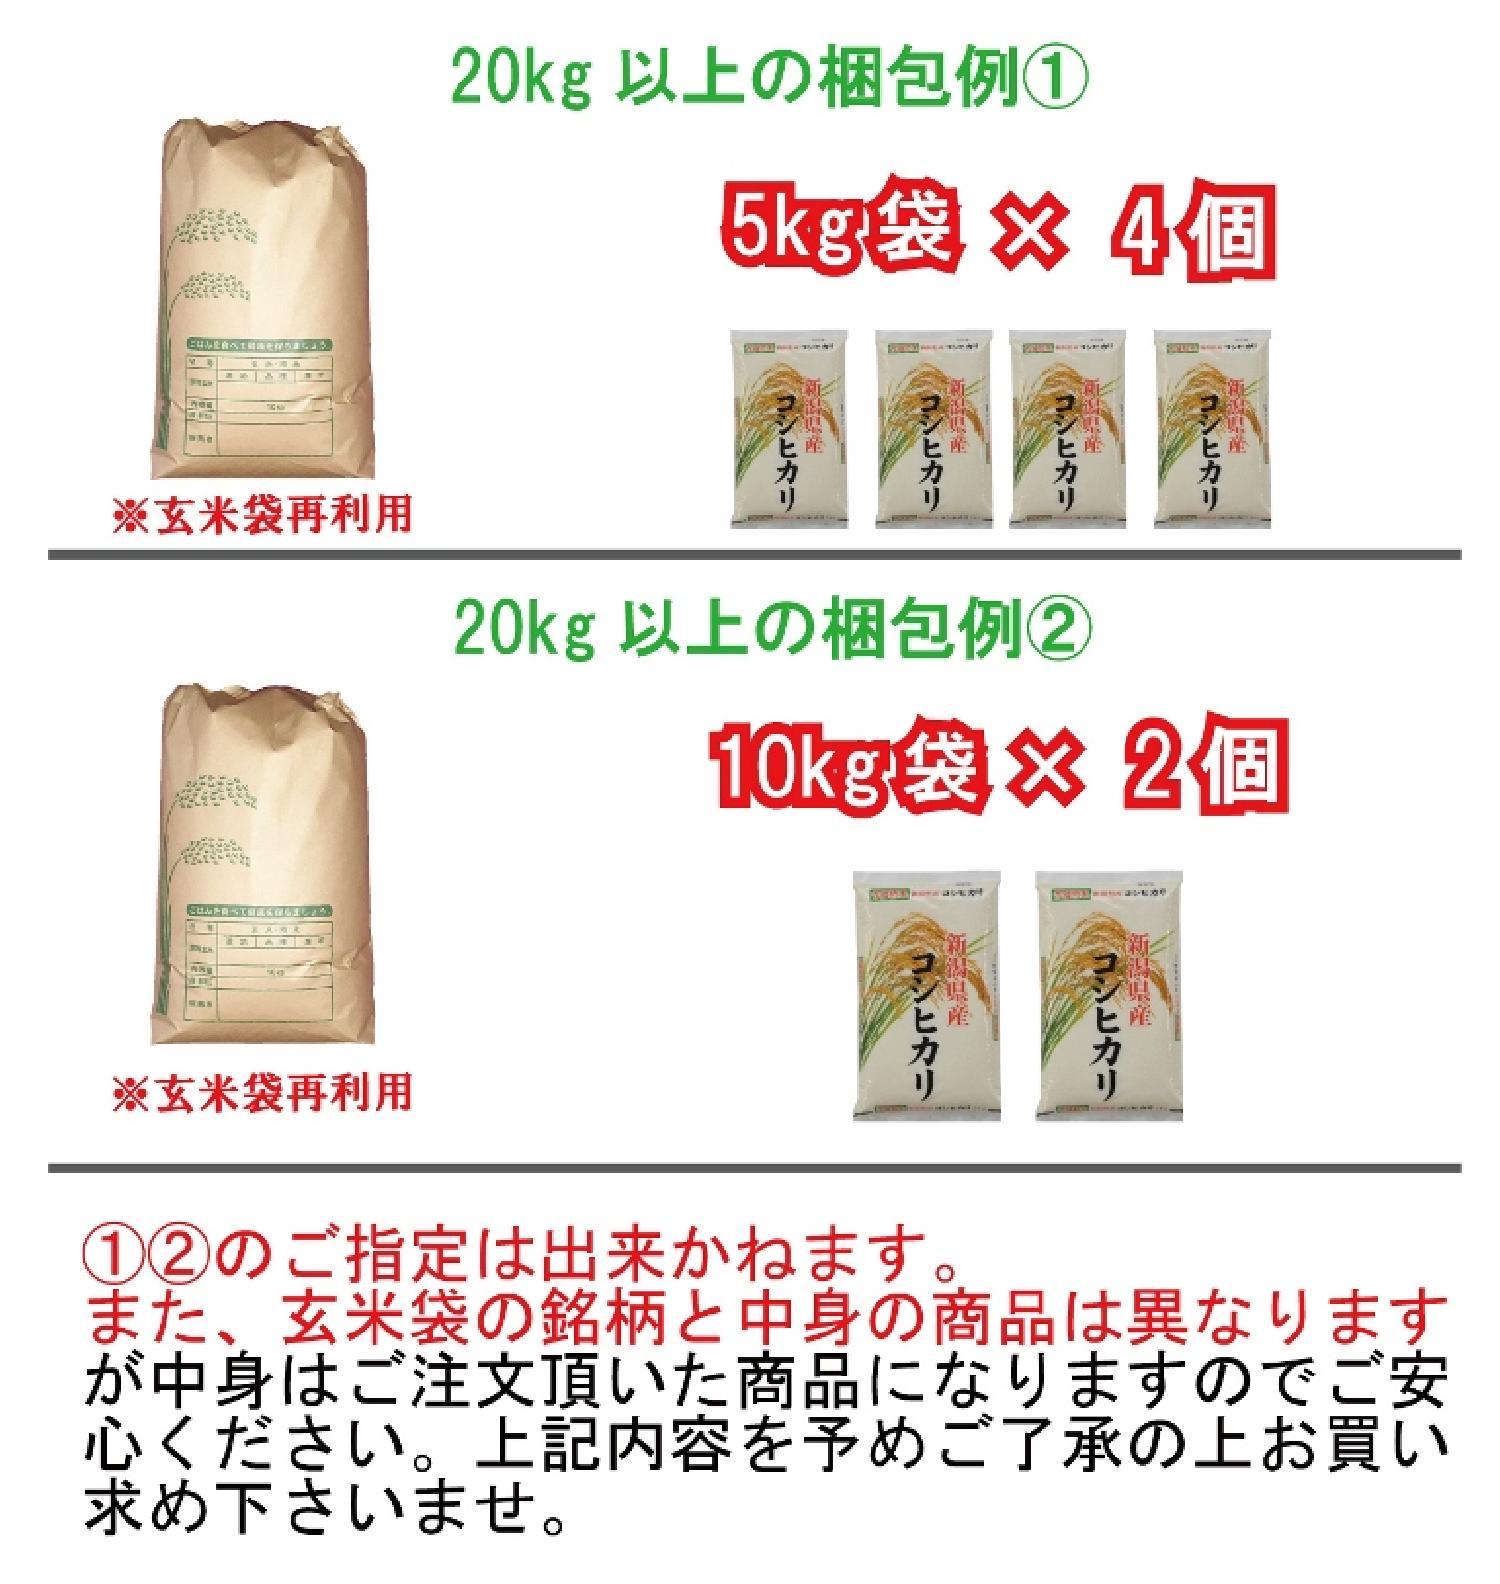 ゴールドブレンド 20kg ※5kg×4袋 [送料無料](・沖縄・離島は別途必要)普通精米_画像_